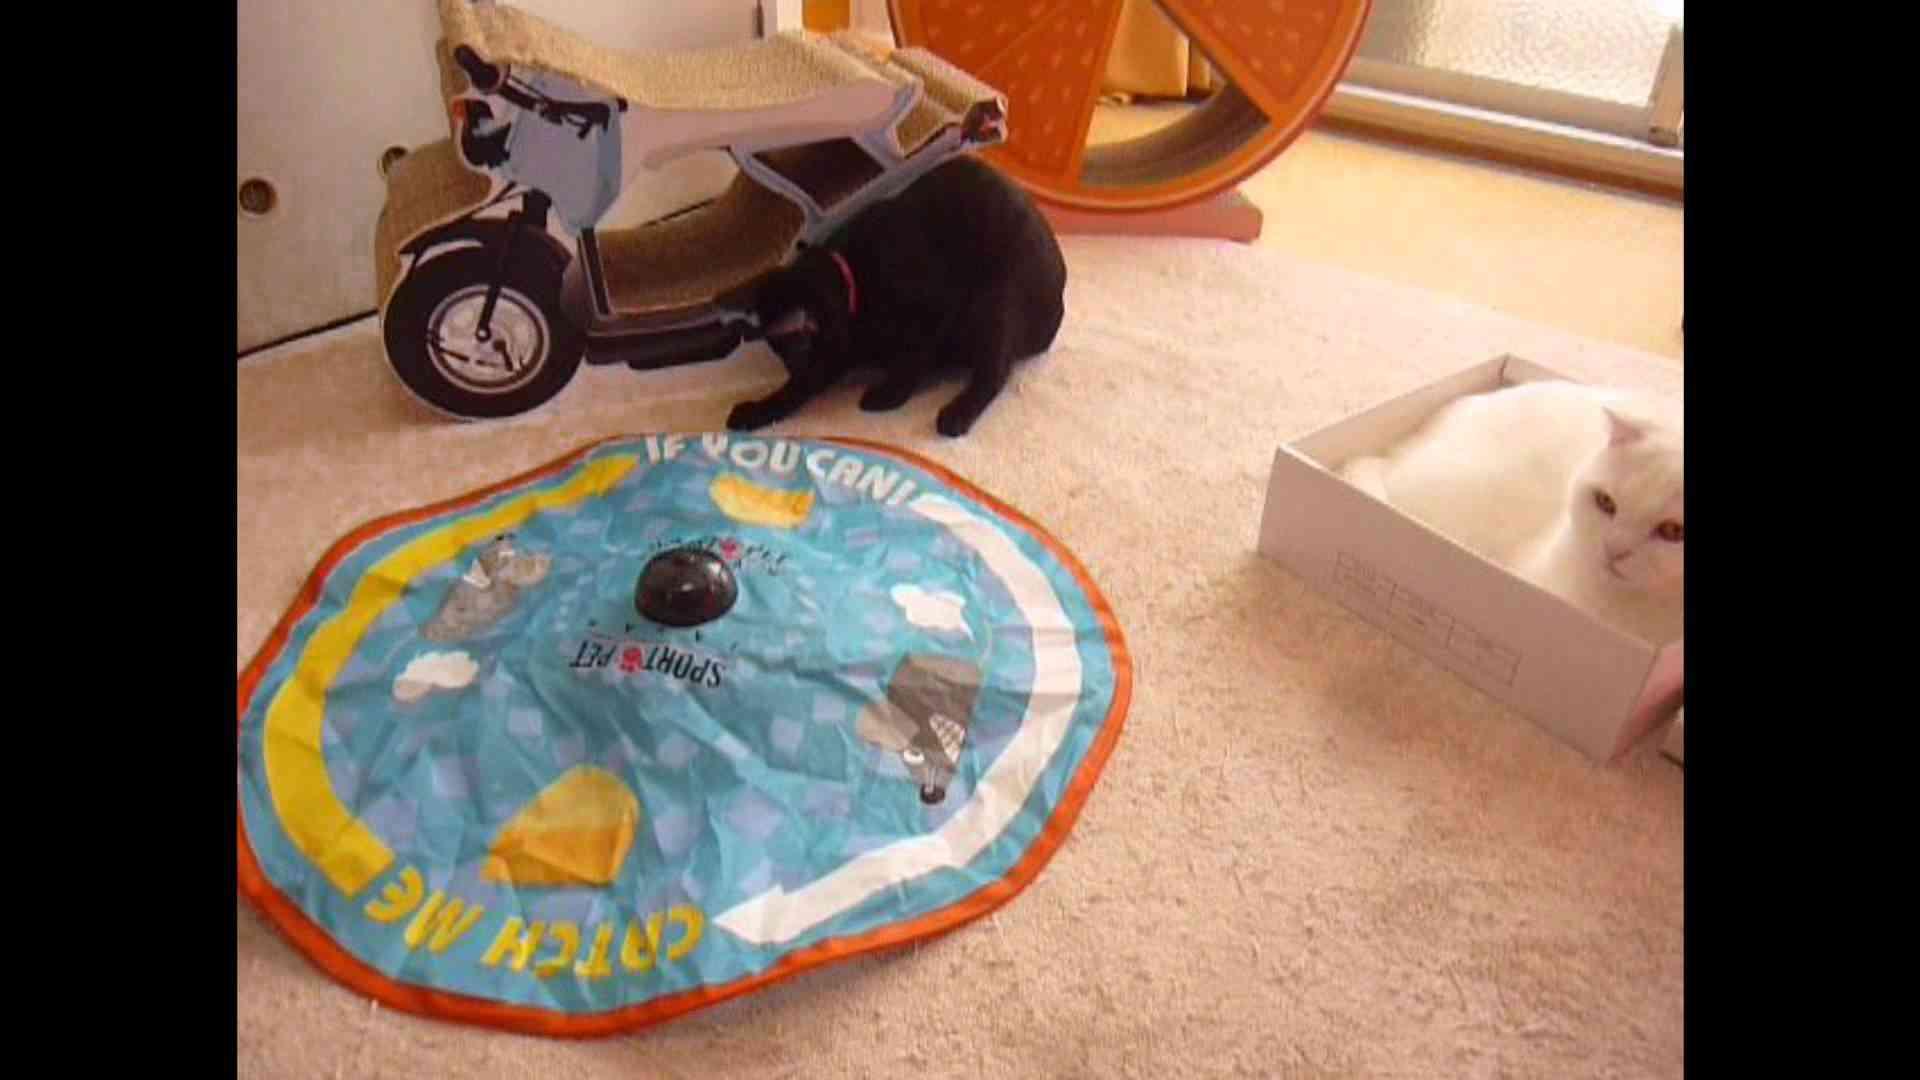 キャッチミーイフユーキャンで遊ぶ猫 - YouTube